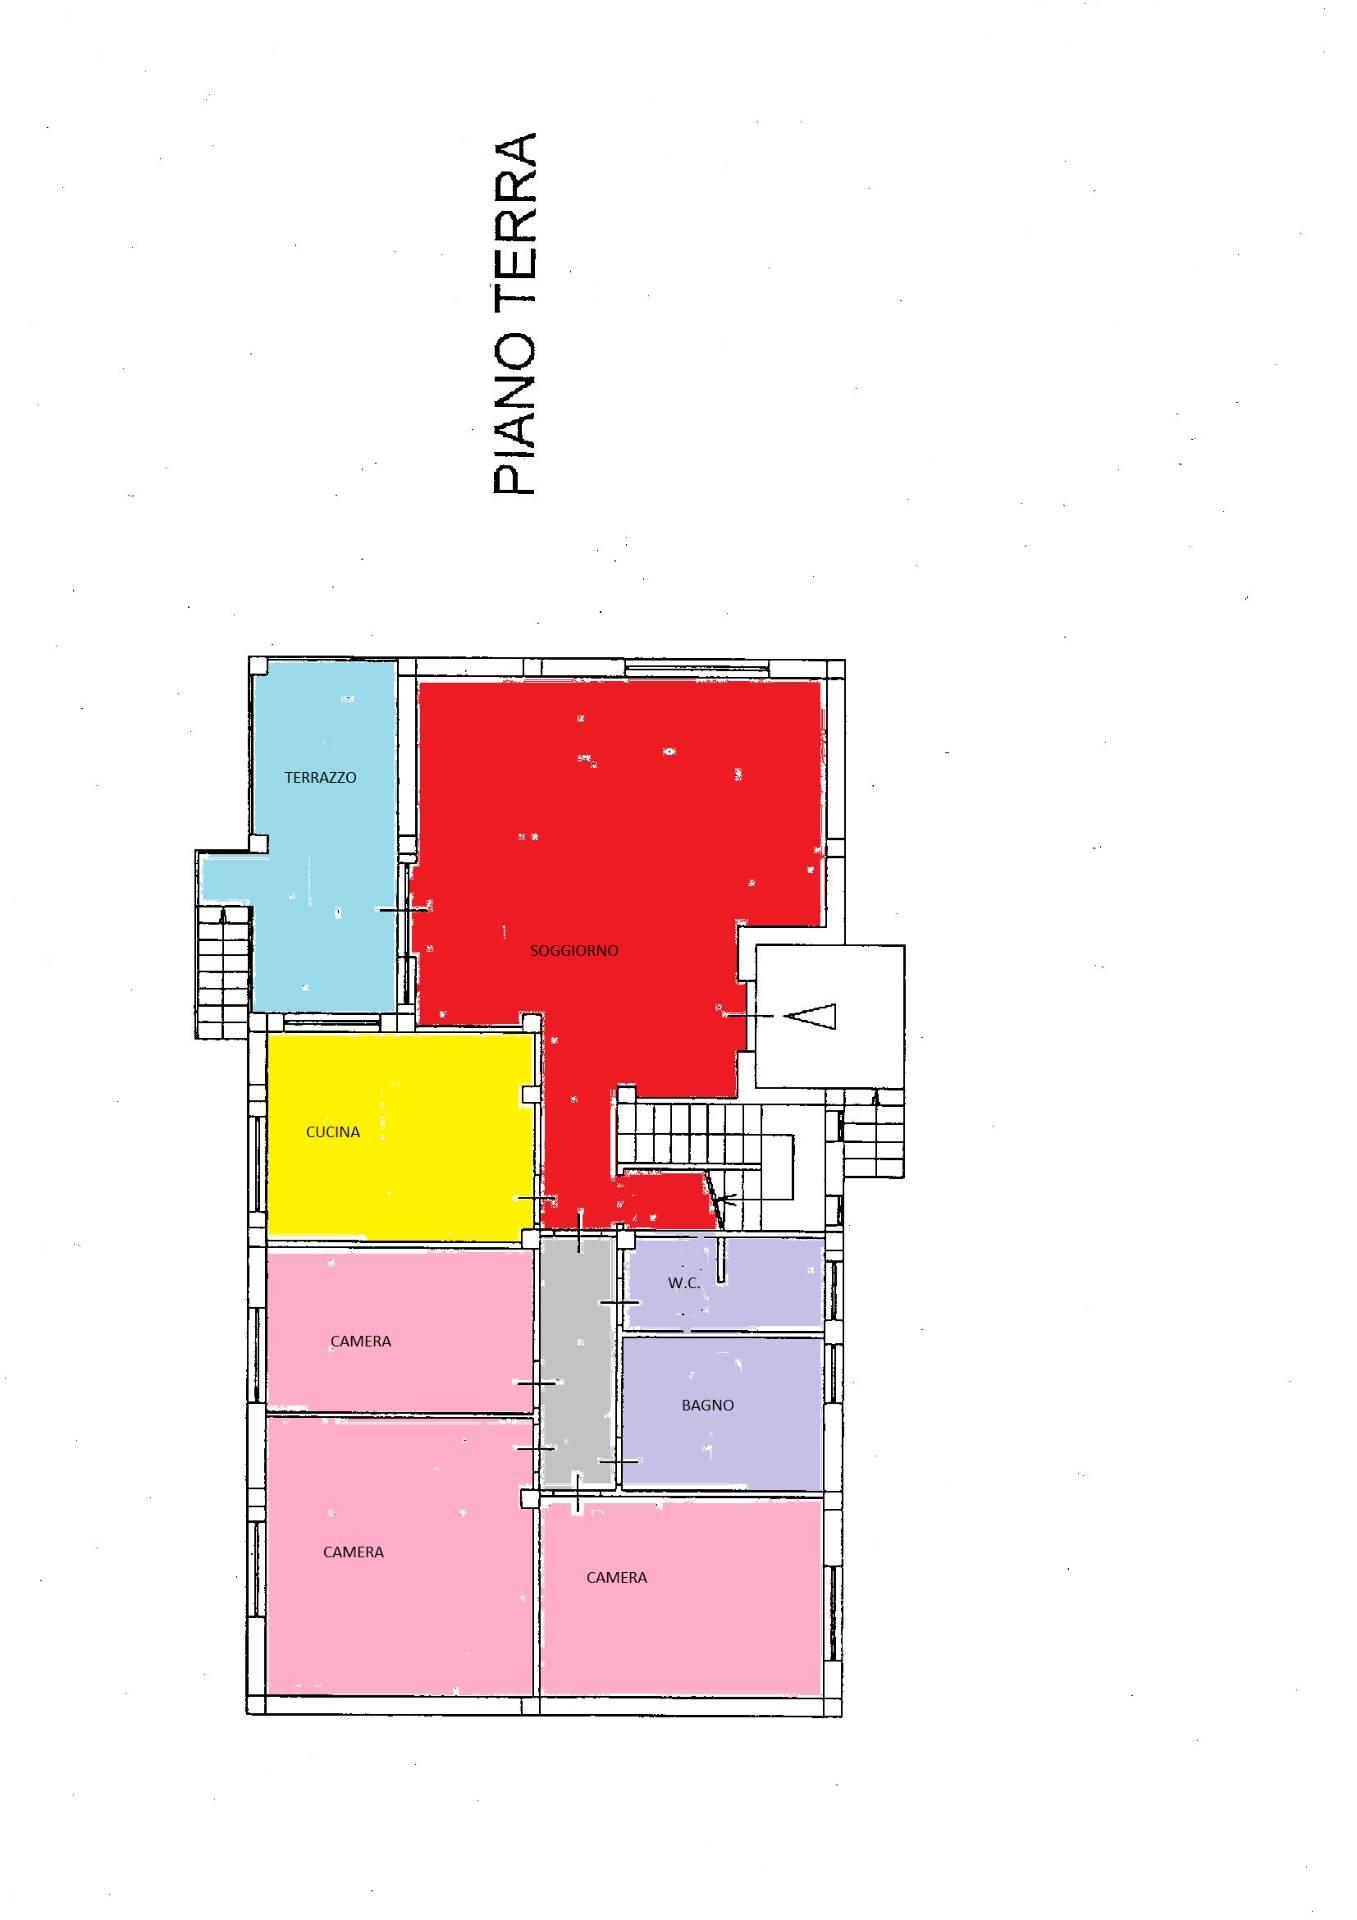 Villa in vendita a L'Aquila, 5 locali, zona Zona: Bazzano, prezzo € 450.000 | CambioCasa.it